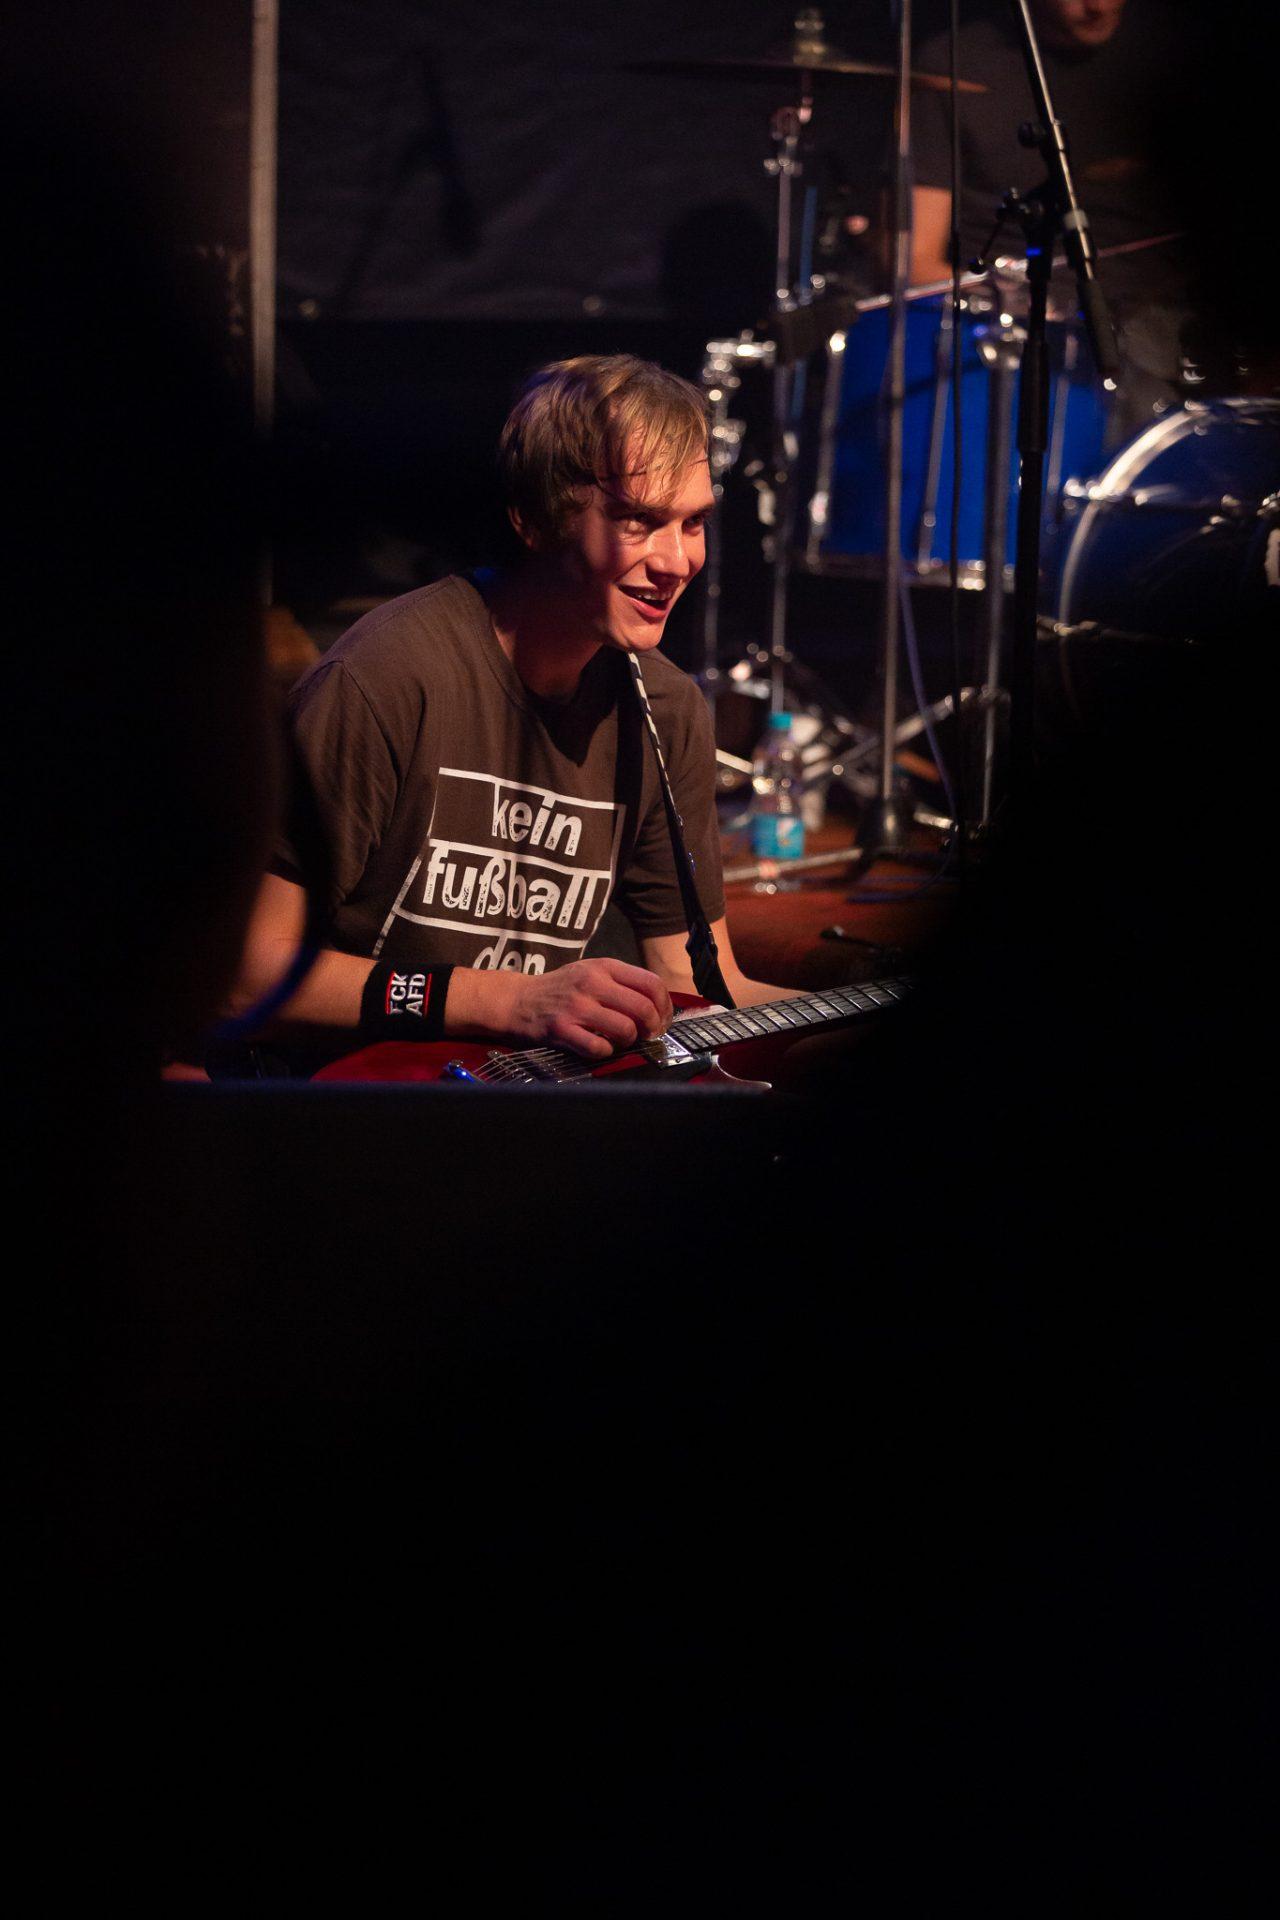 Kornblumenblau - Gitarrist kniet